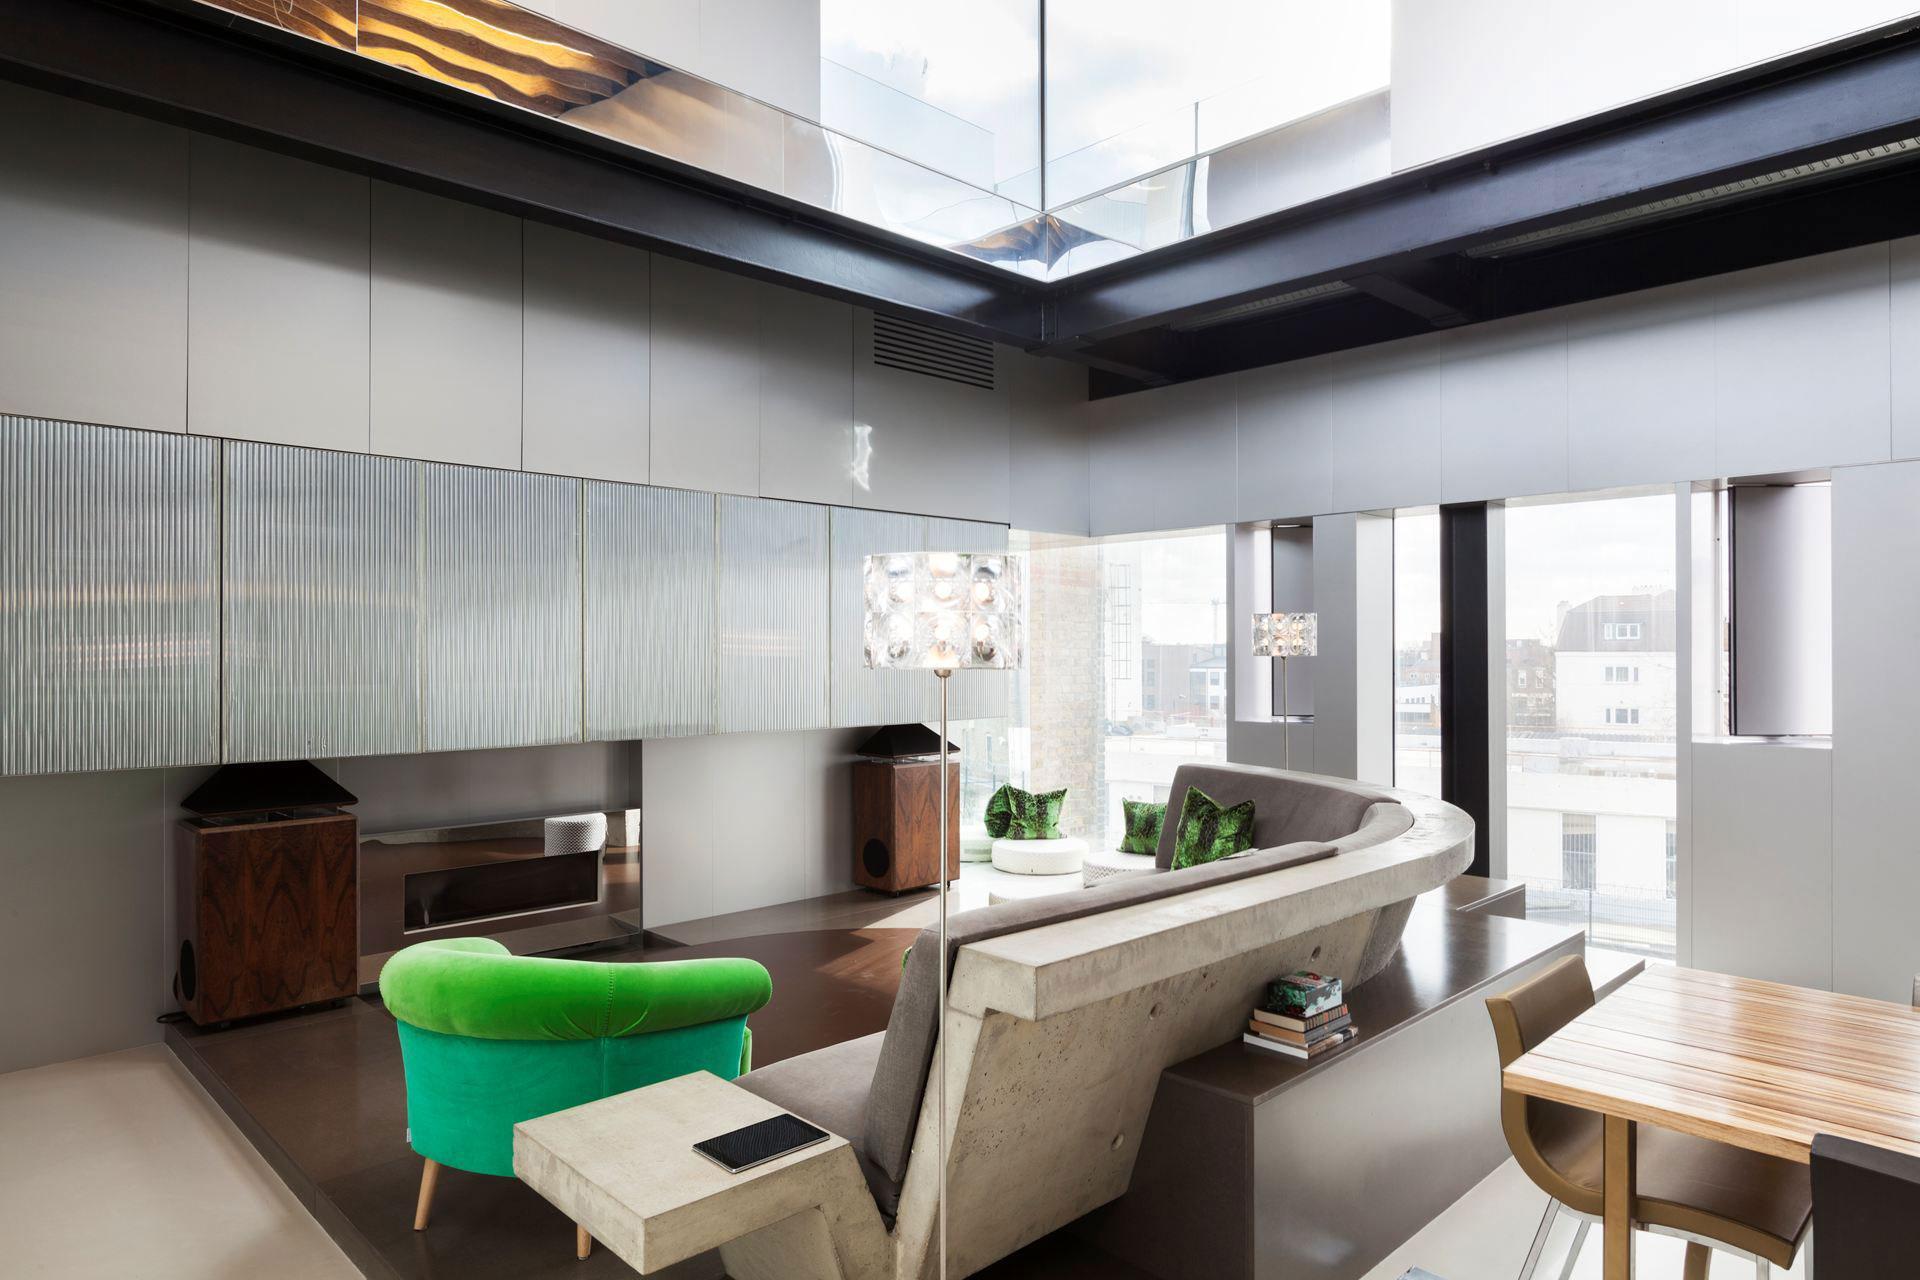 Silverlight Home in West London by Adjaye Associates-03